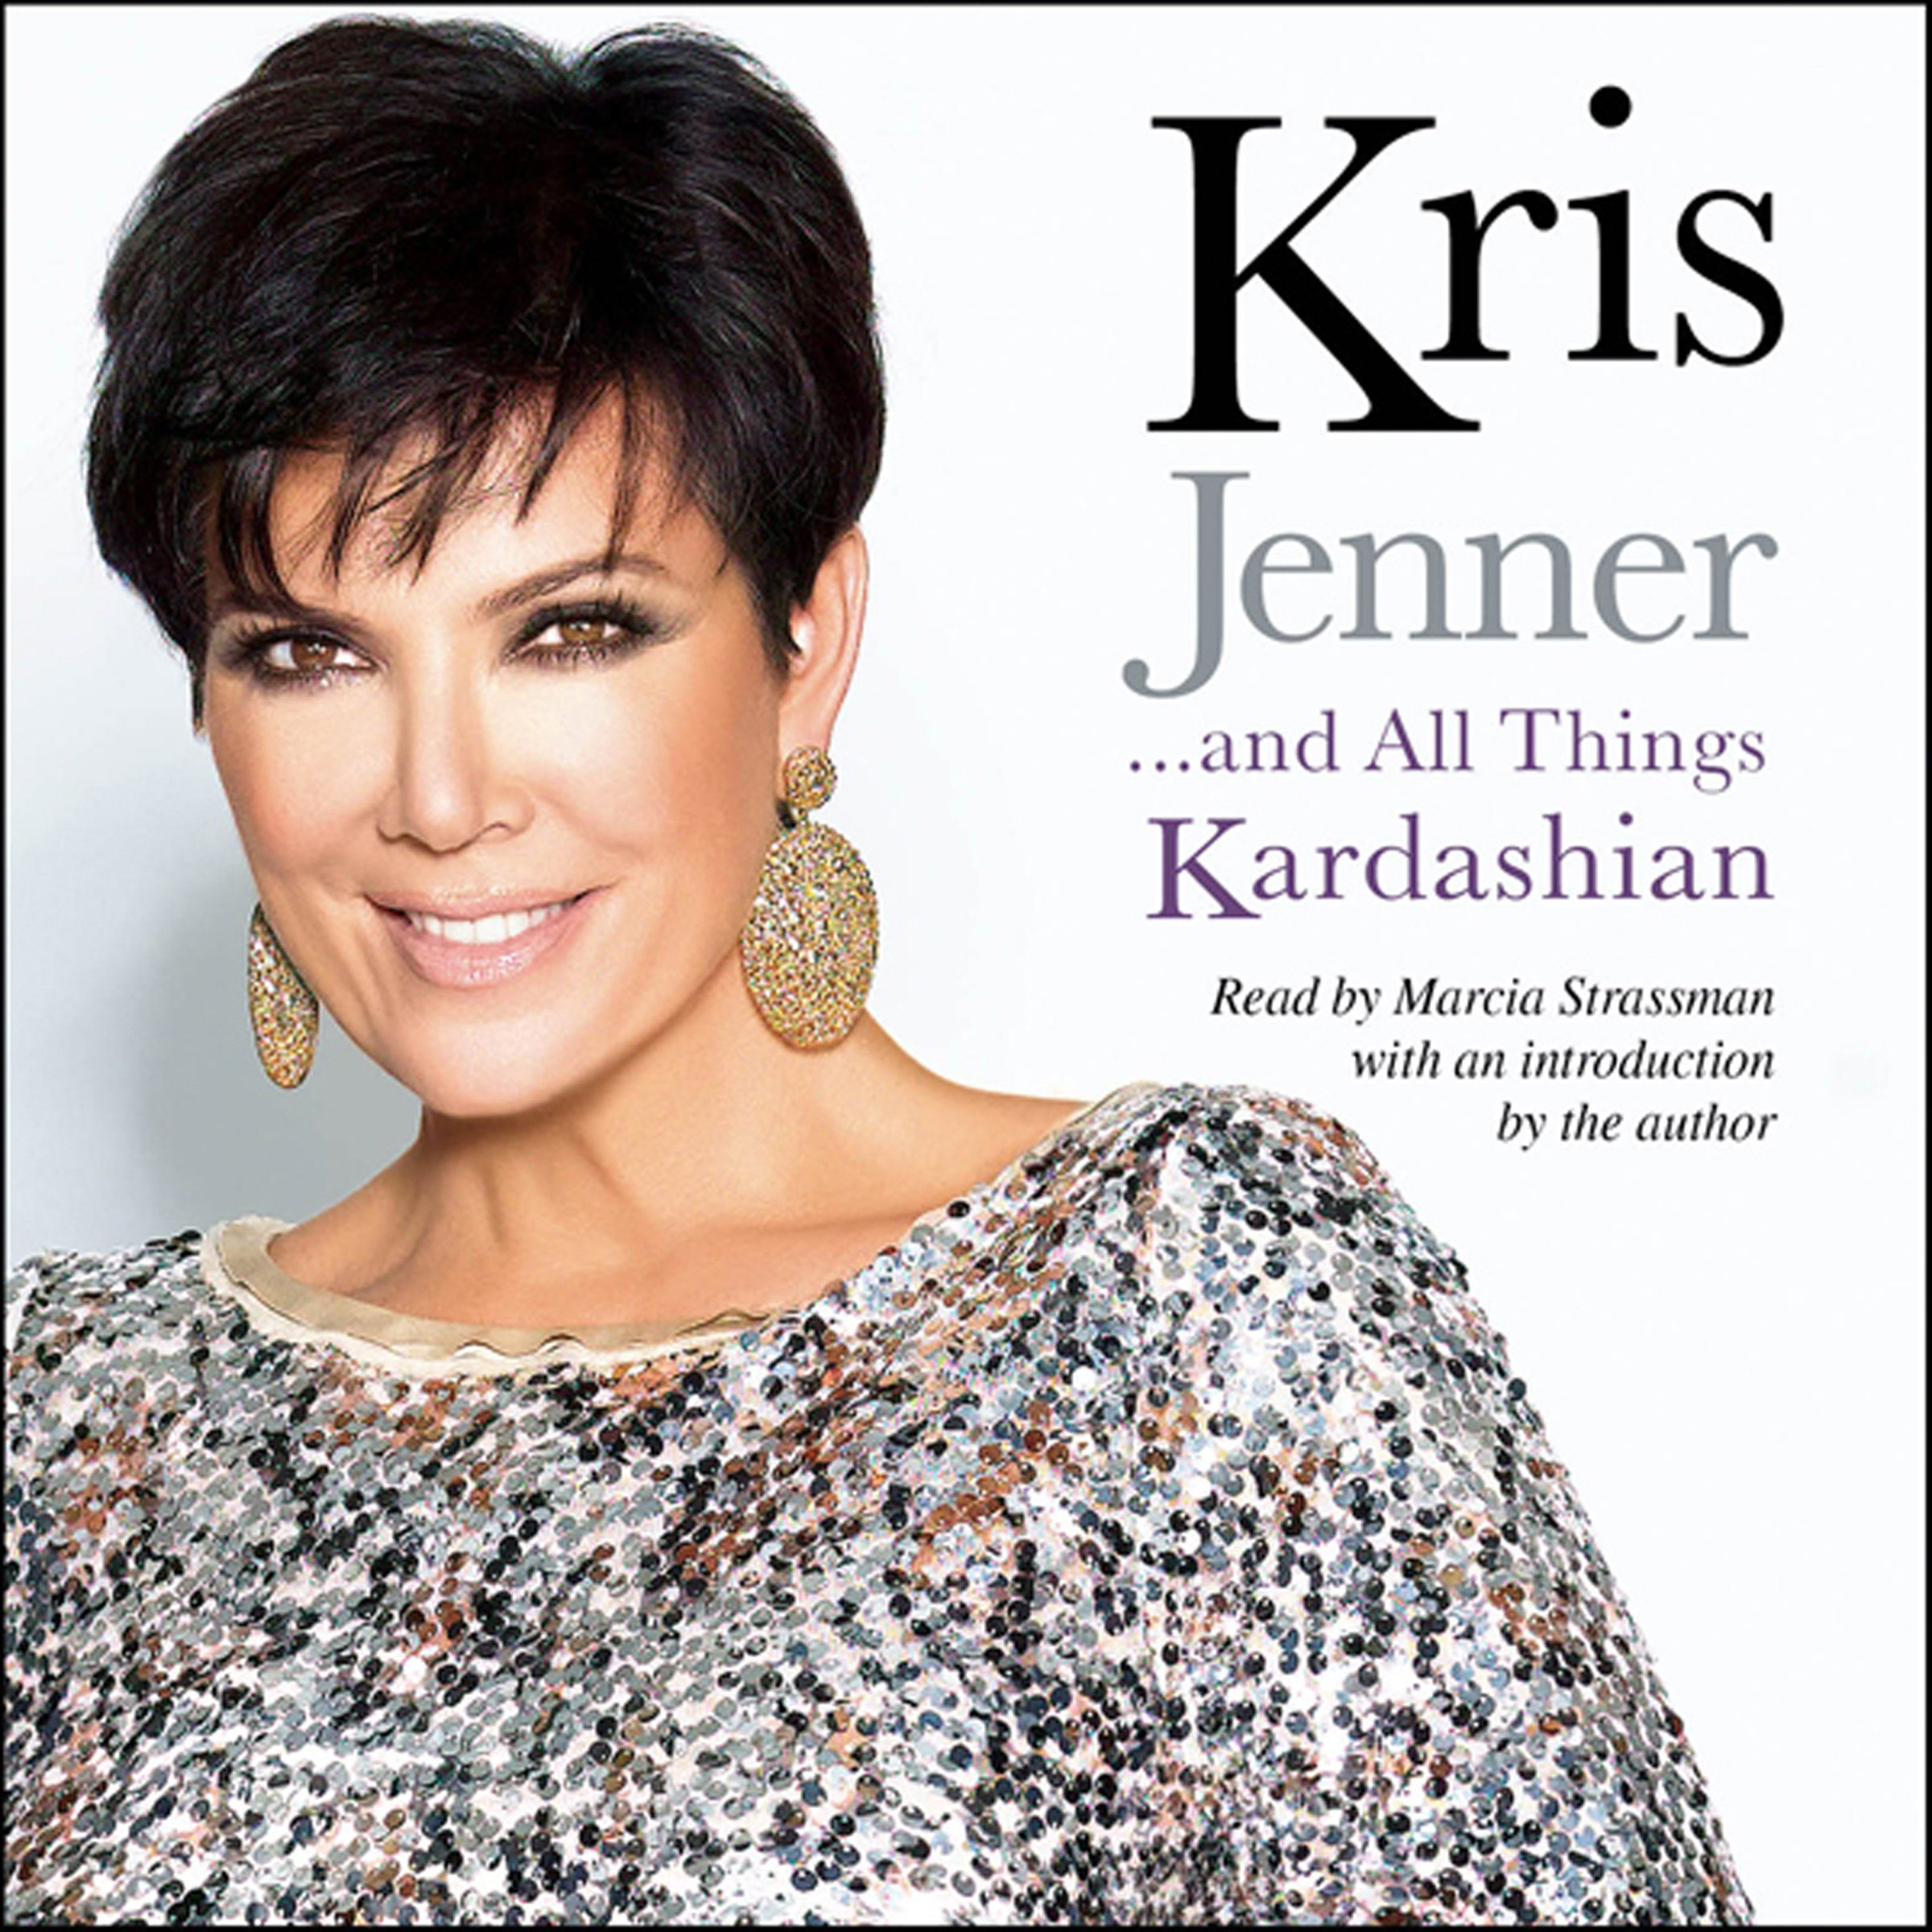 Kris Jenner.and All Things Kardashian